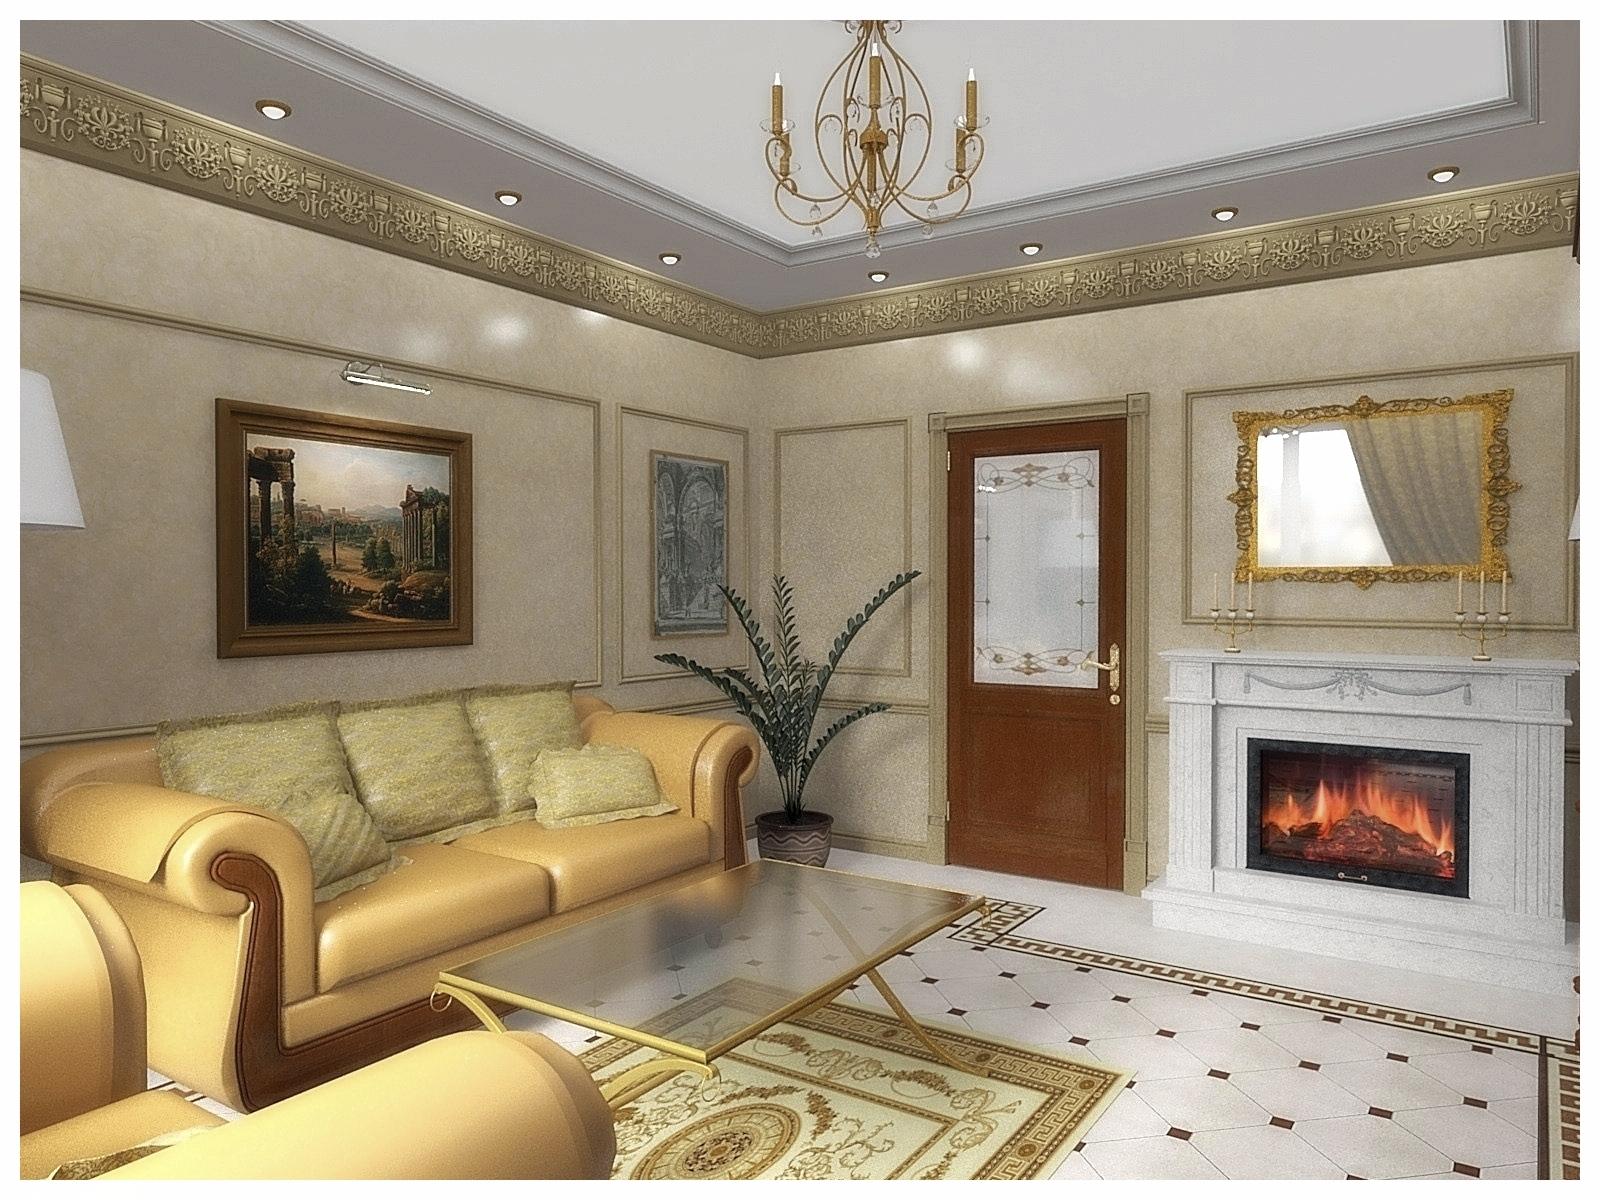 Дизайн интерьеров квартир. Гостиная 4.